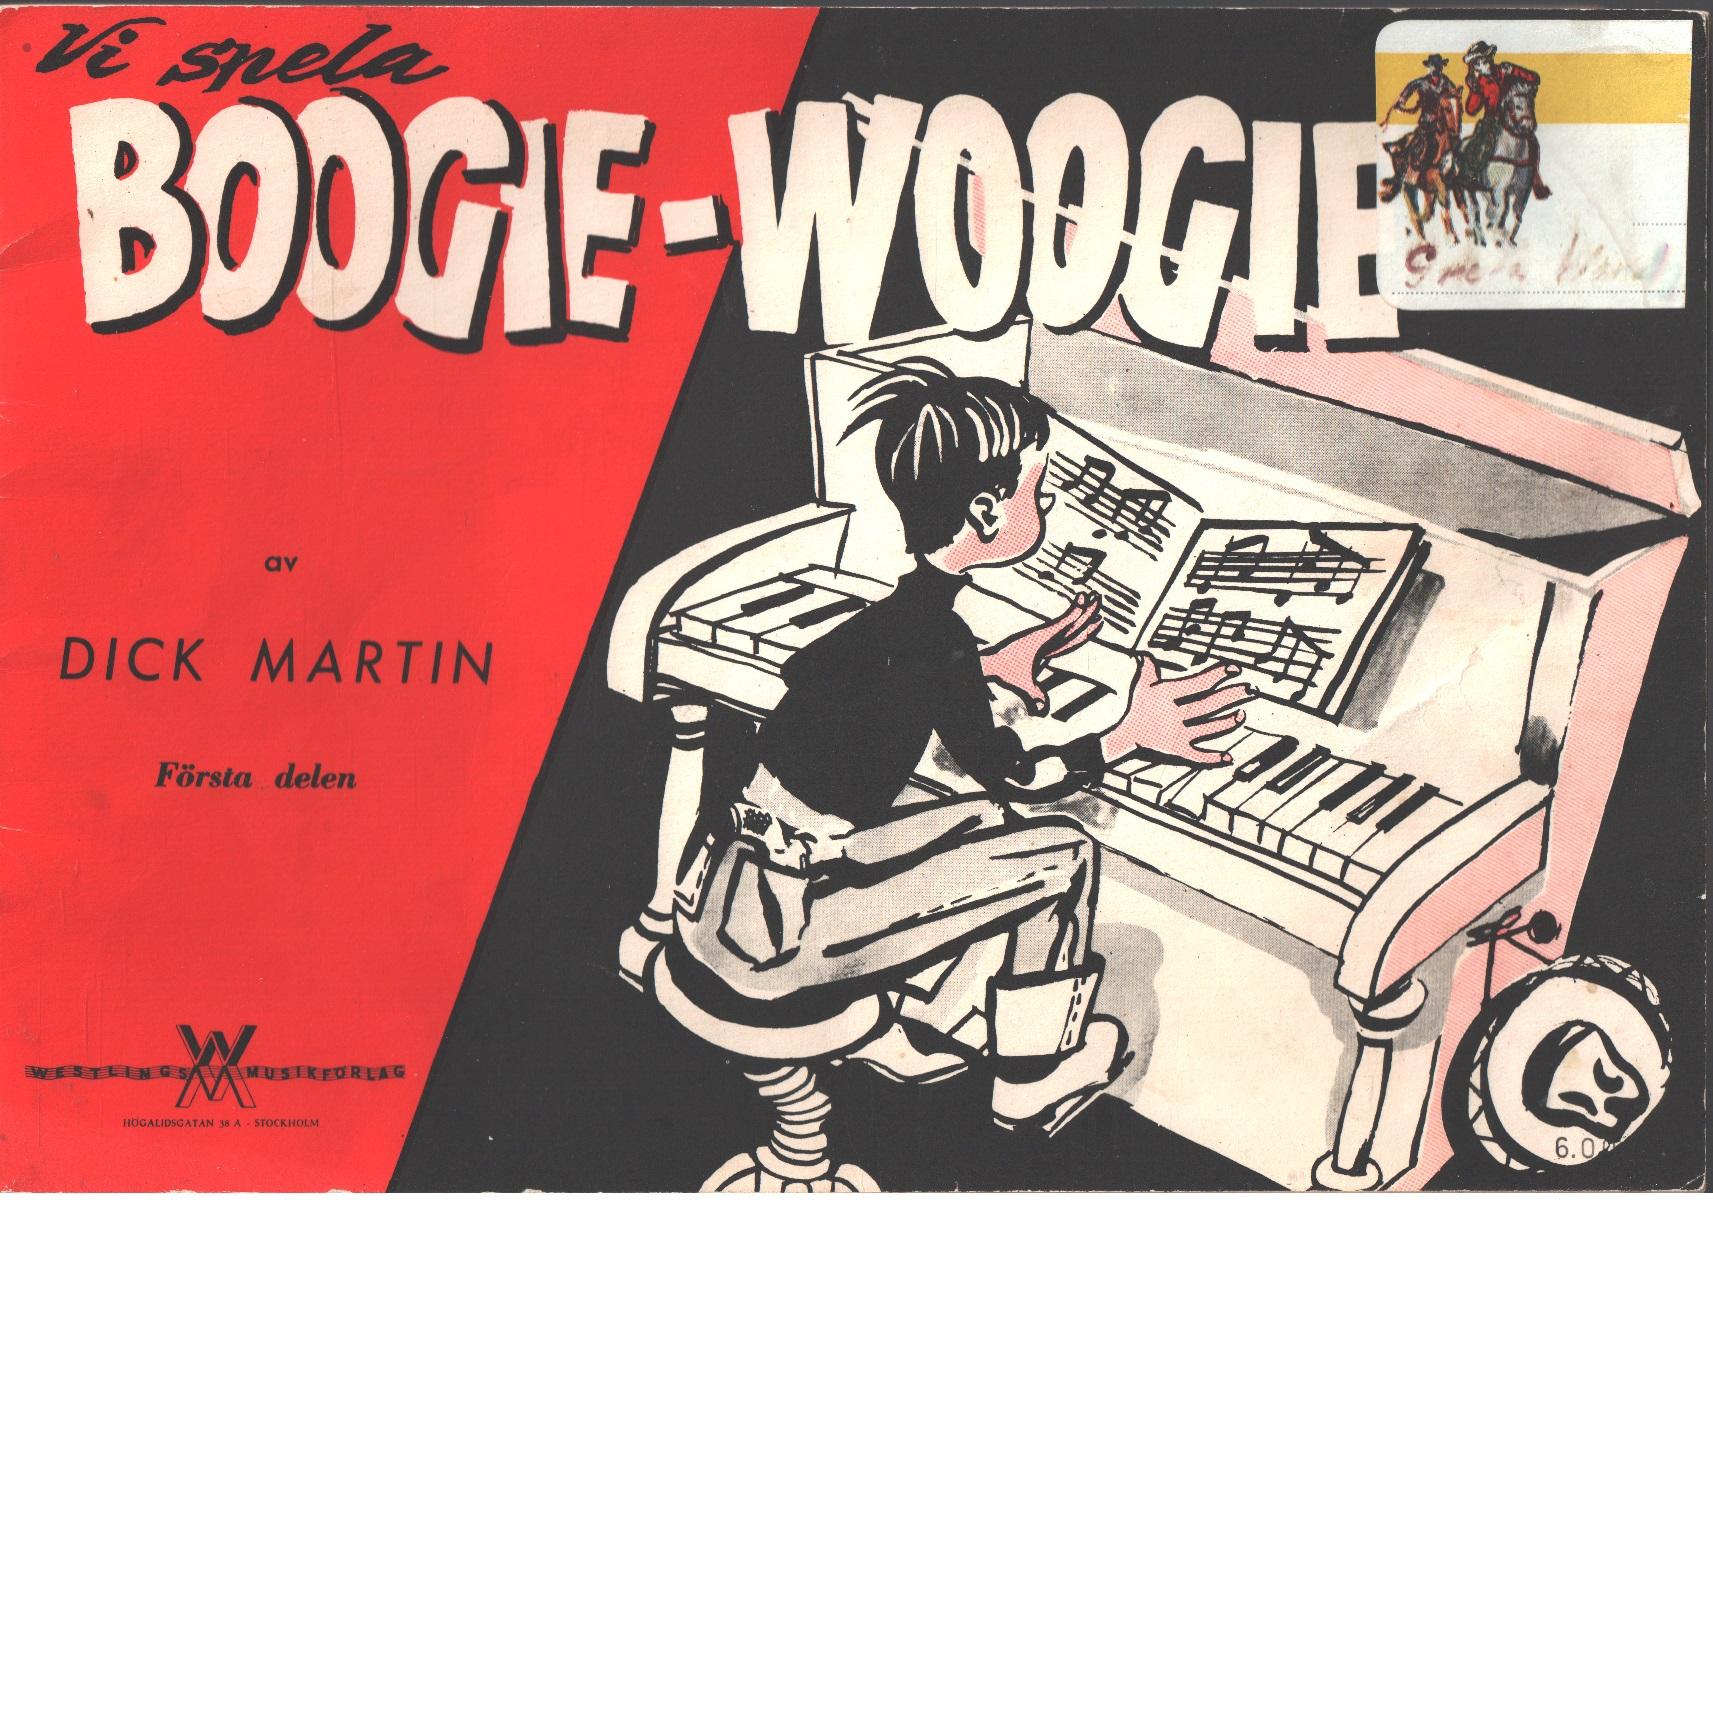 Vi spelar boogie-woogie |h[Musiktryck] |cav Dick Martin. Del 1 - Martin, Dick